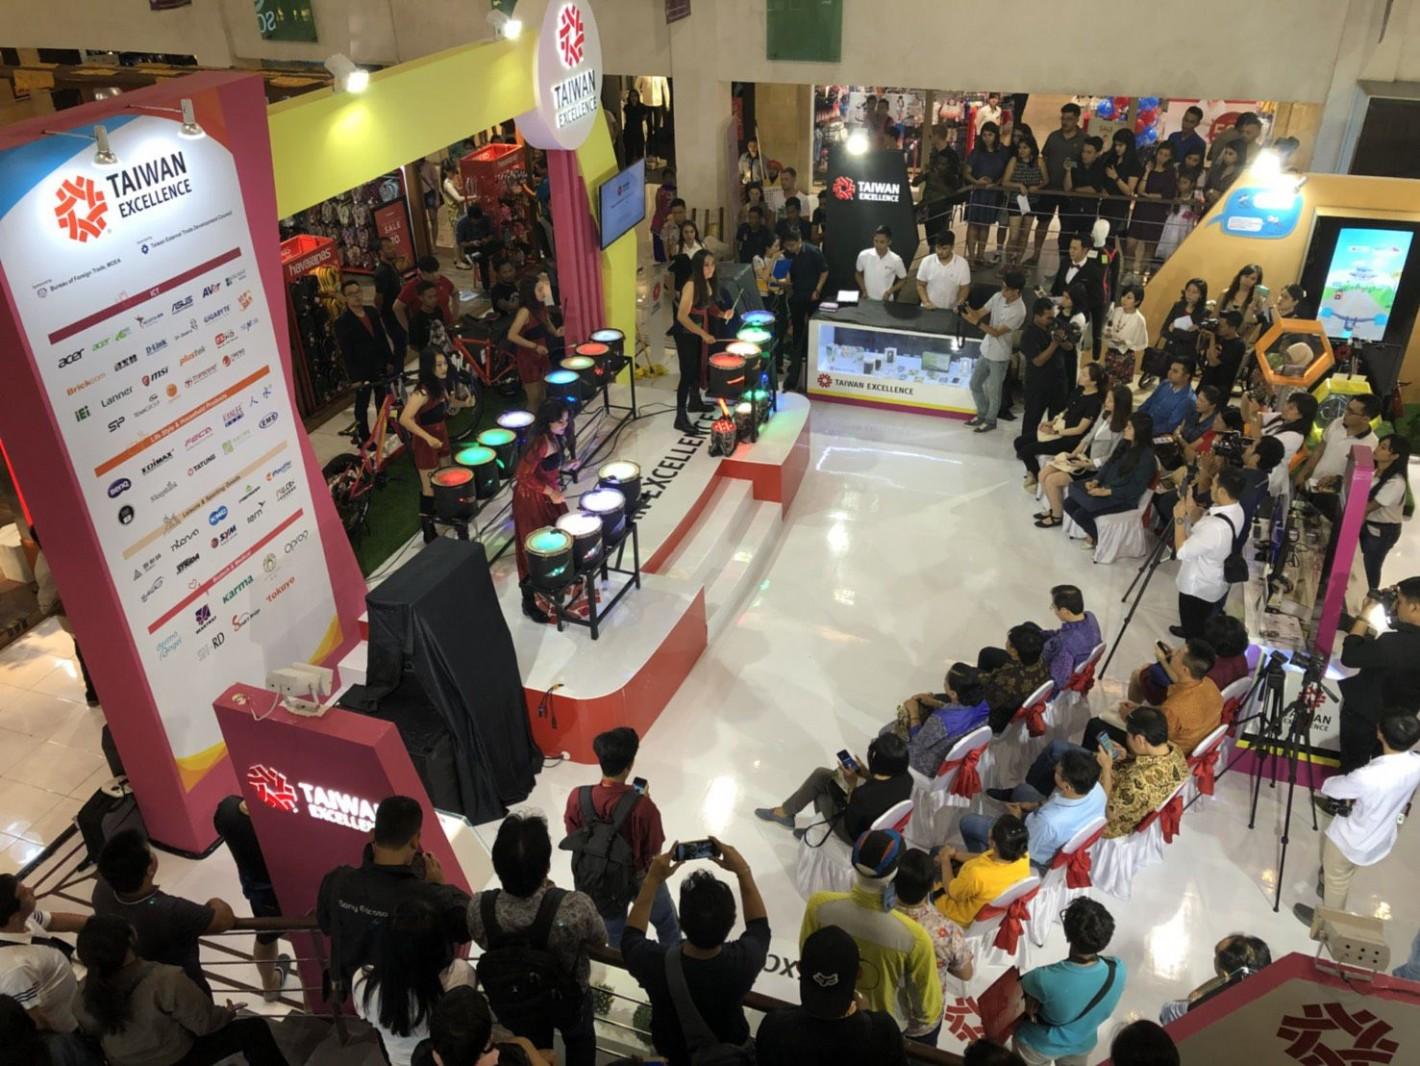 印尼峇里島購物中心體驗活動現場熱鬧開幕